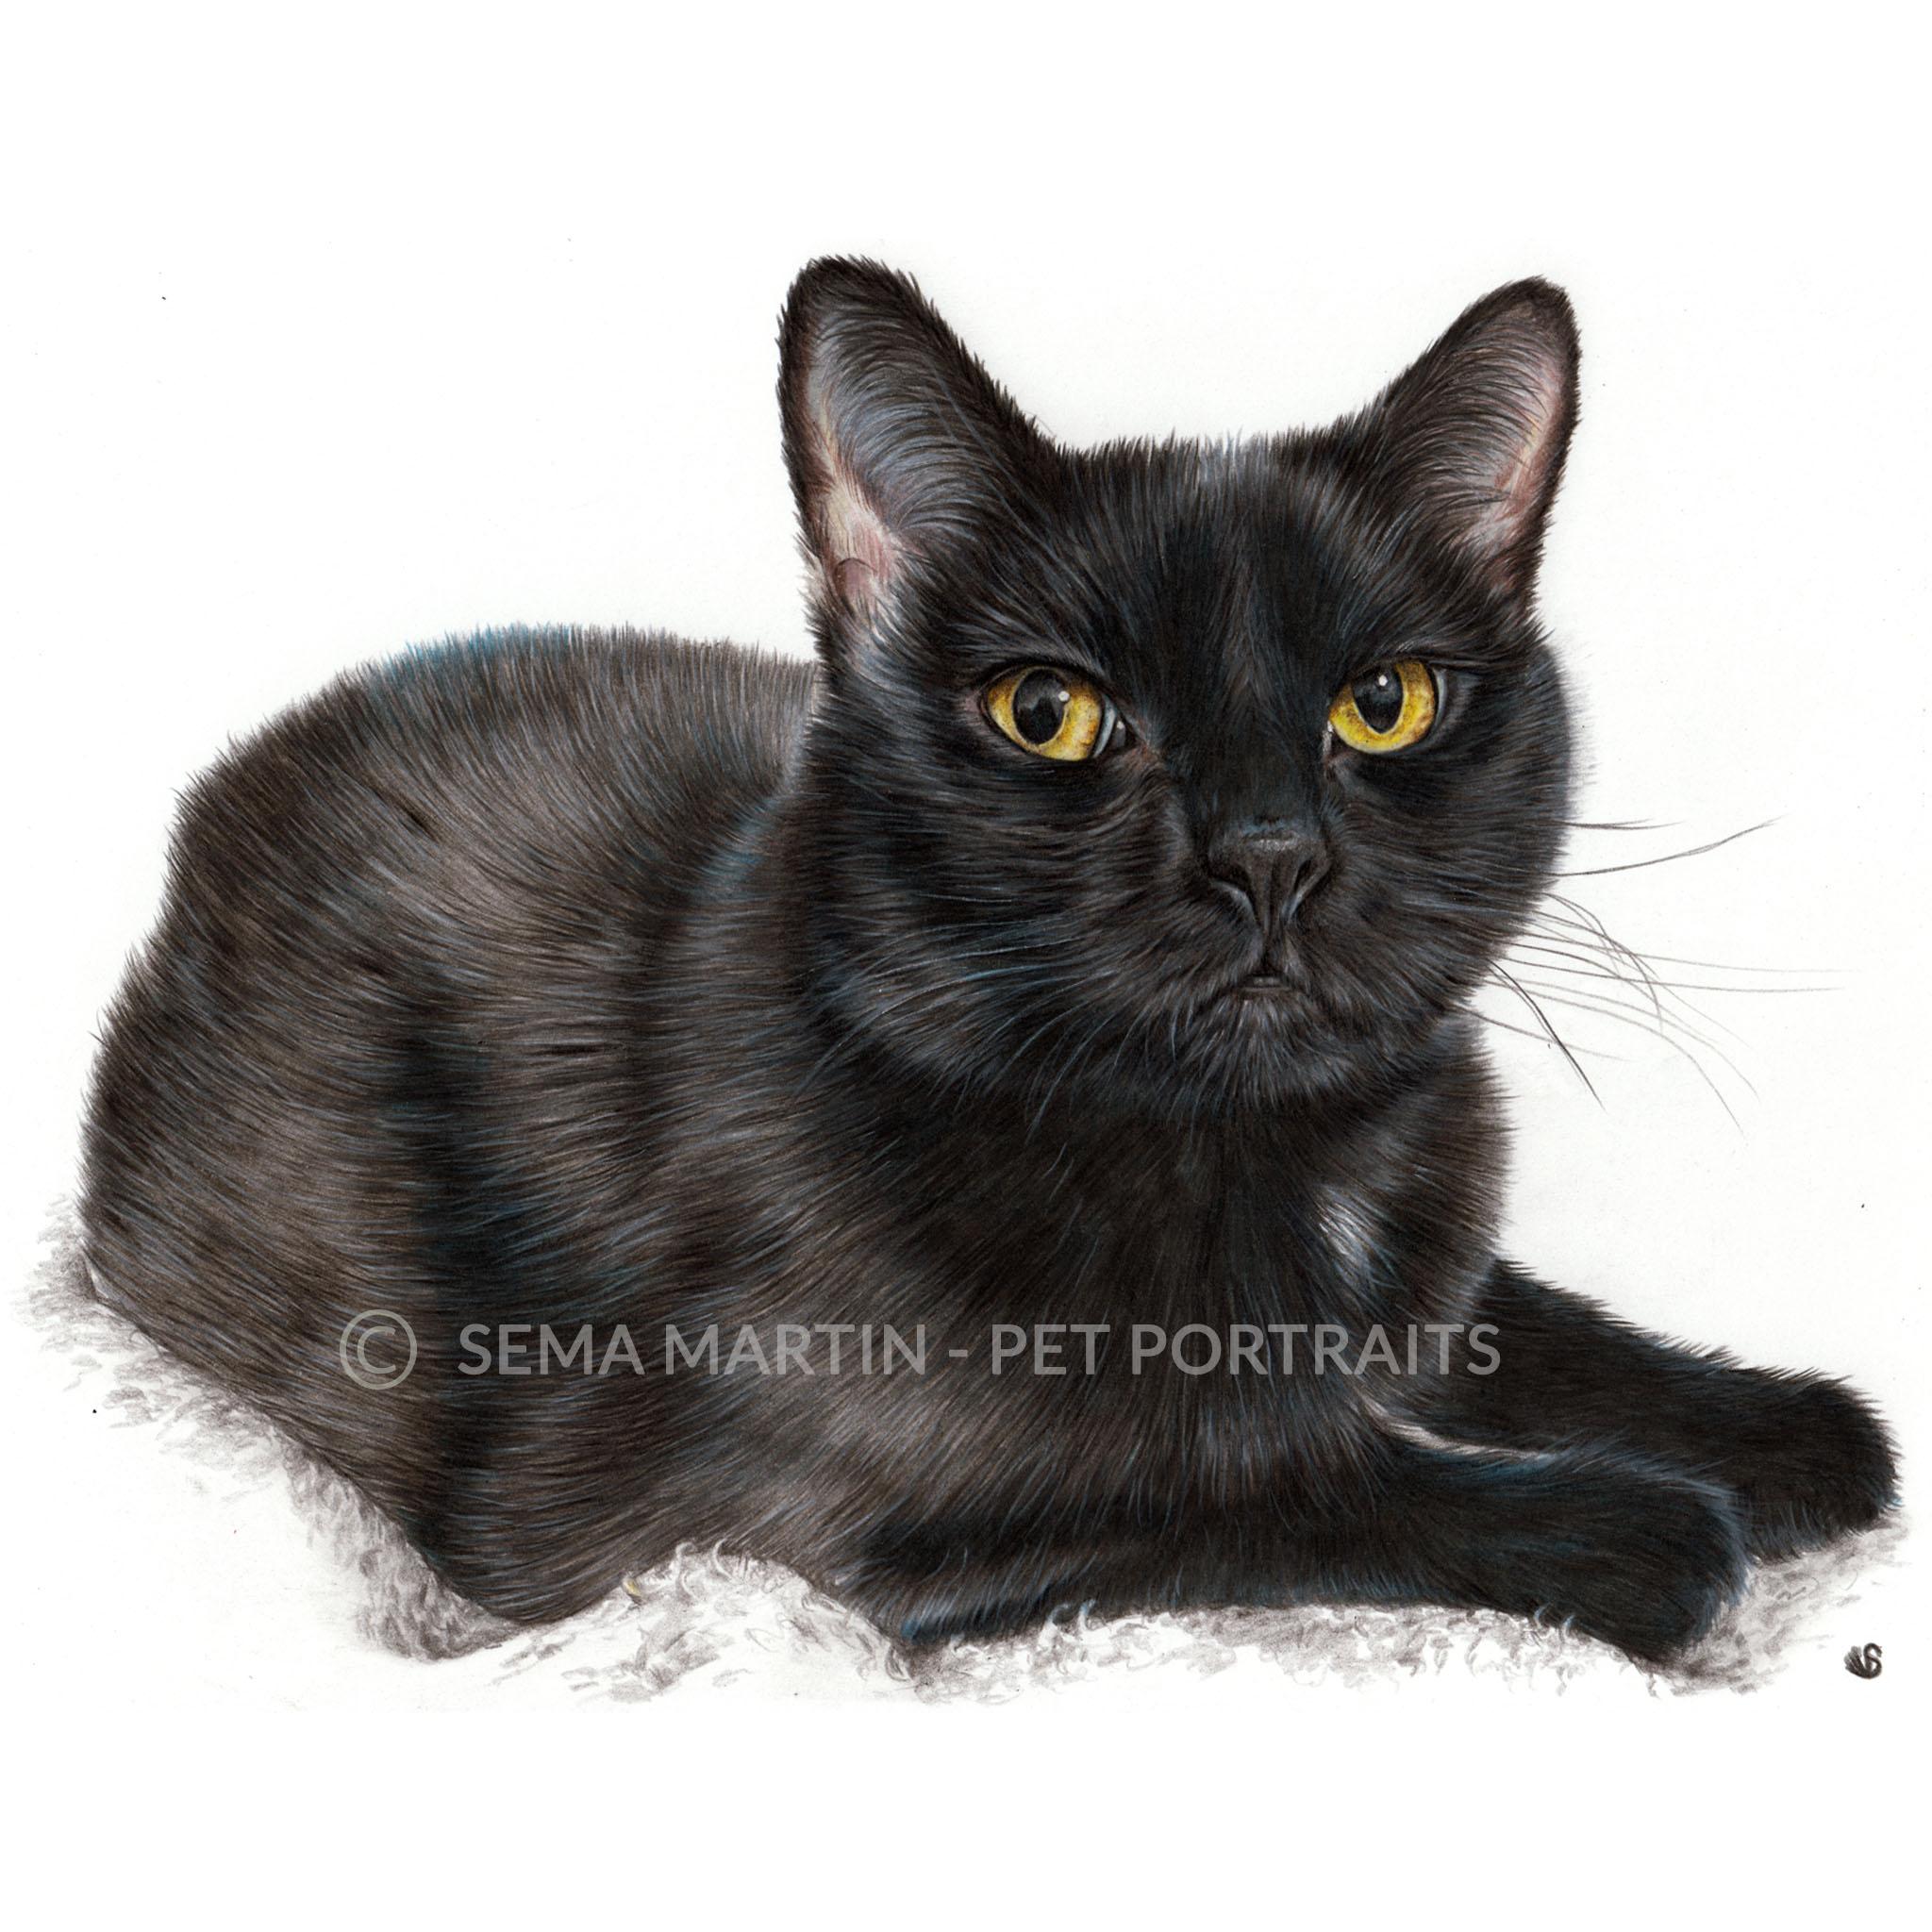 'Cammy' - USA, 8.3 x 11.7 inches, 2018, Colour Pencil Black Cat Portrait by Sema Martin